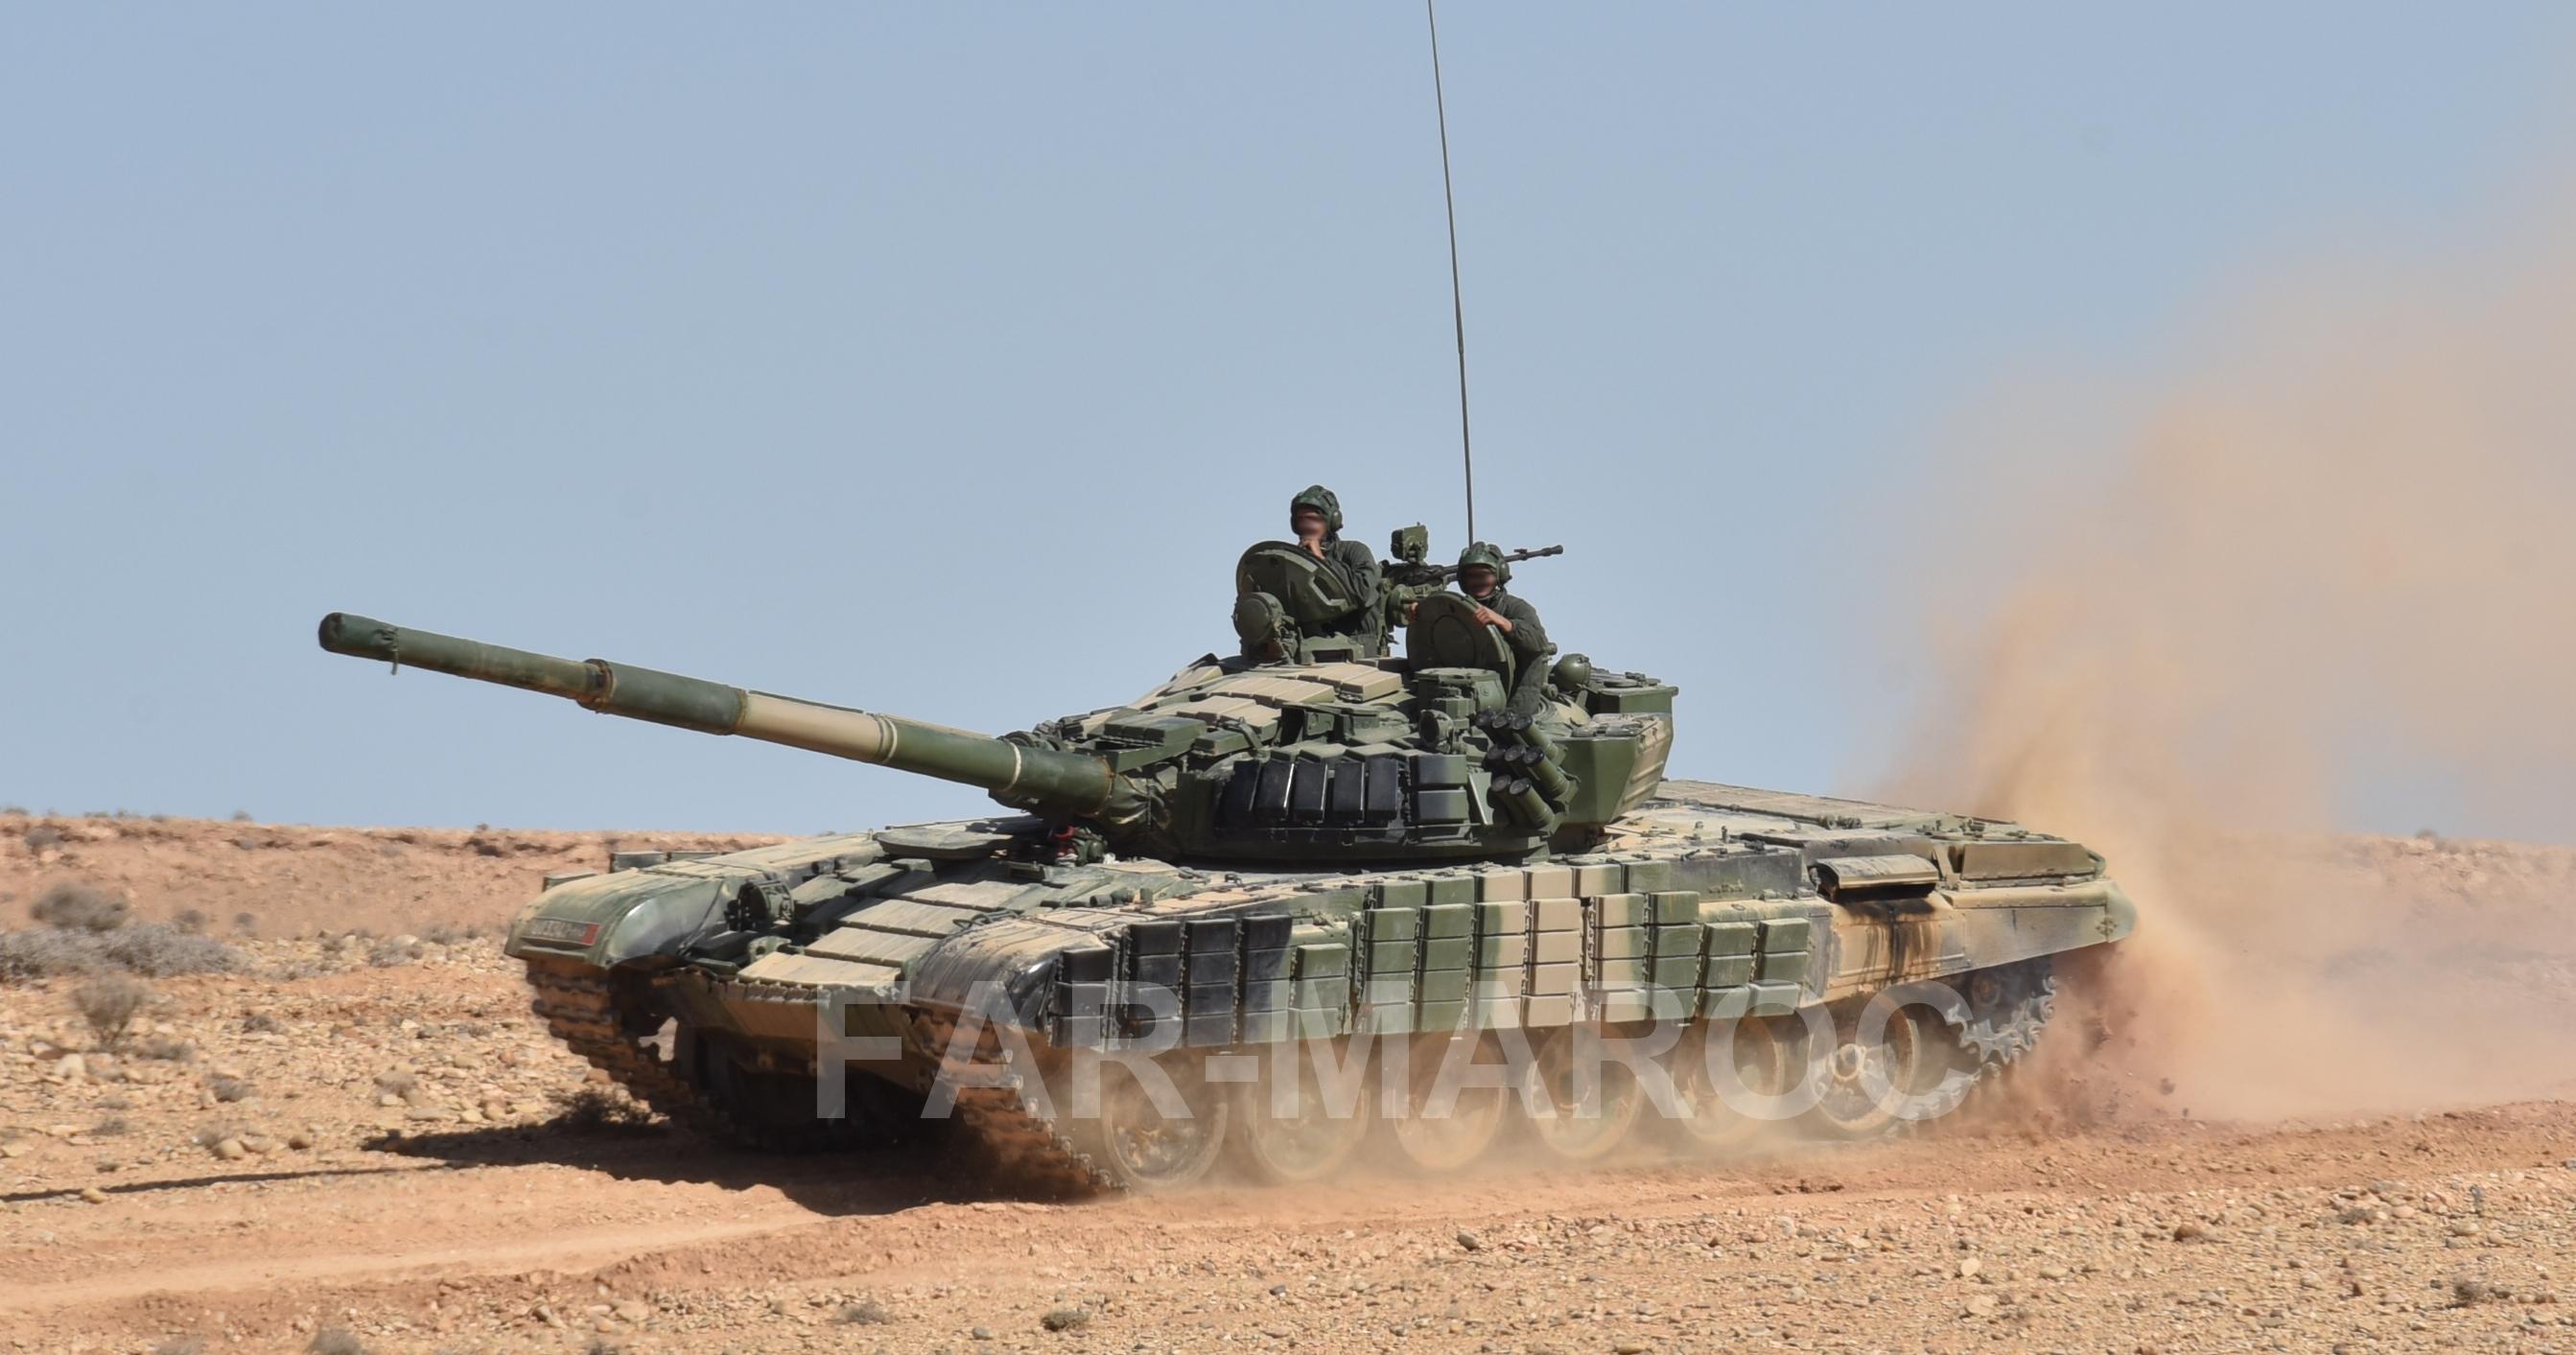 Chars T-72B/BK MArocains // Moroccan Army T-72B/BK Tanks 49250468137_cd49d65b19_o